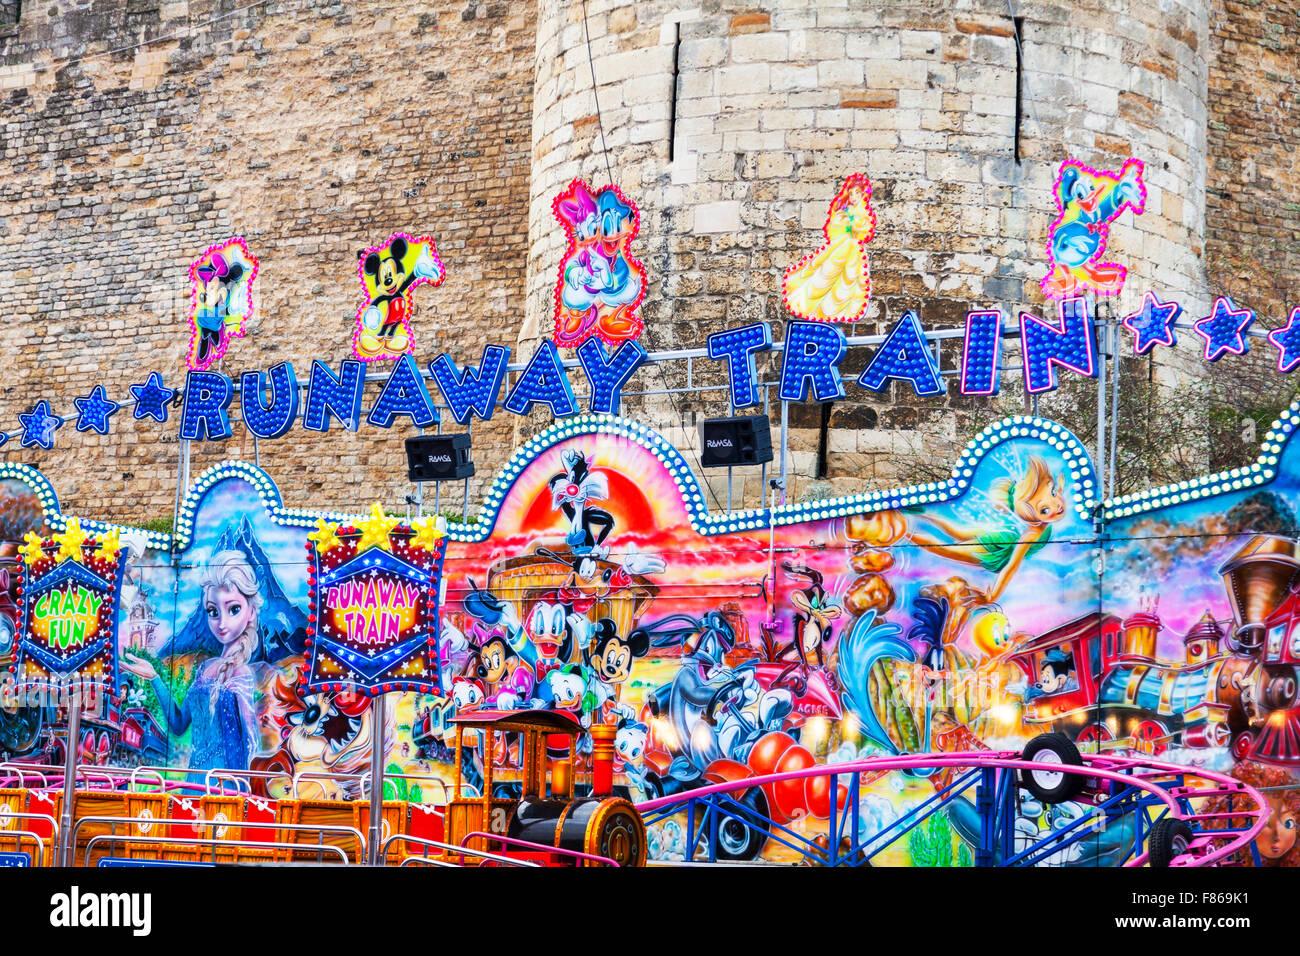 Runaway train ride fair fiera luna park - divertimento per i bambini del bambino giostre Immagini Stock